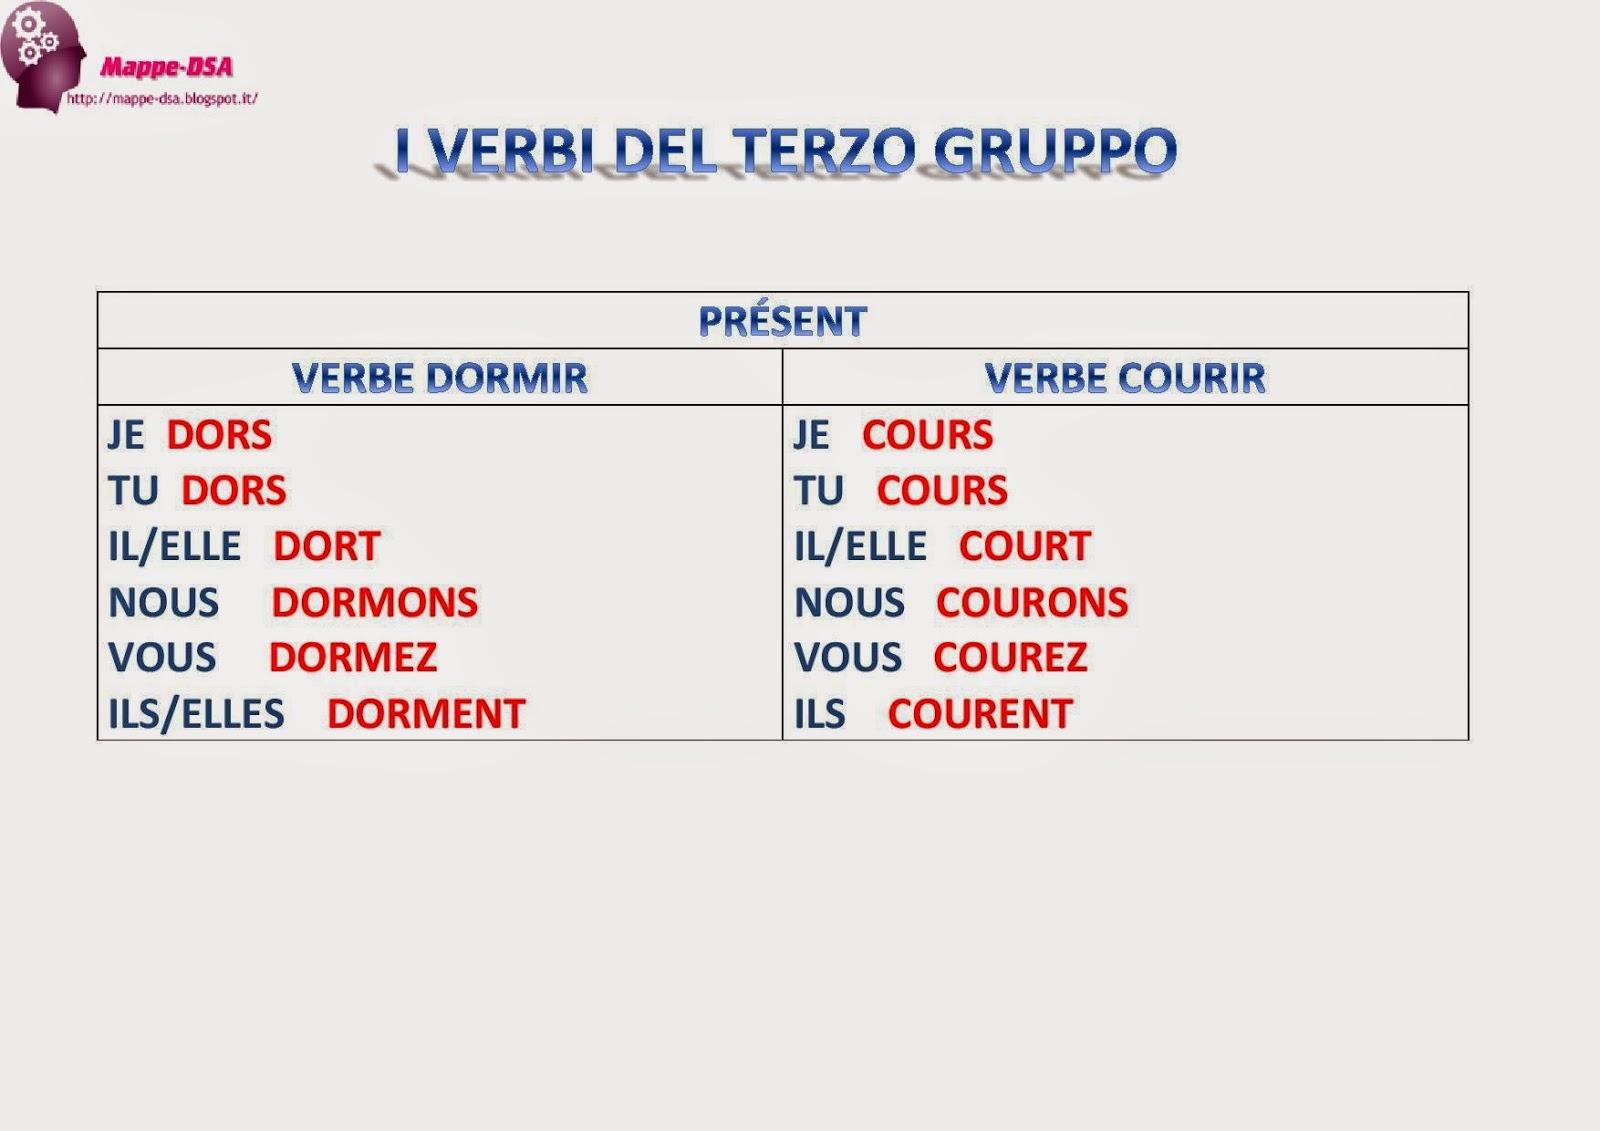 mappa tabella dsa francese verbi terzo gruppo